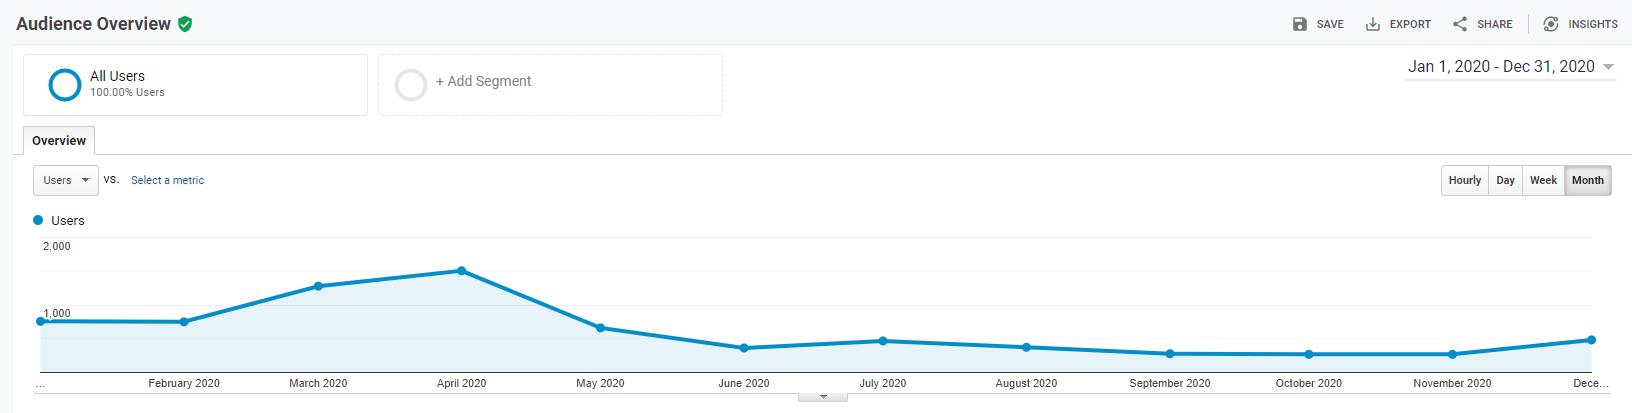 Blog Income Report - Quarter 4 2020 - ERA Traffic